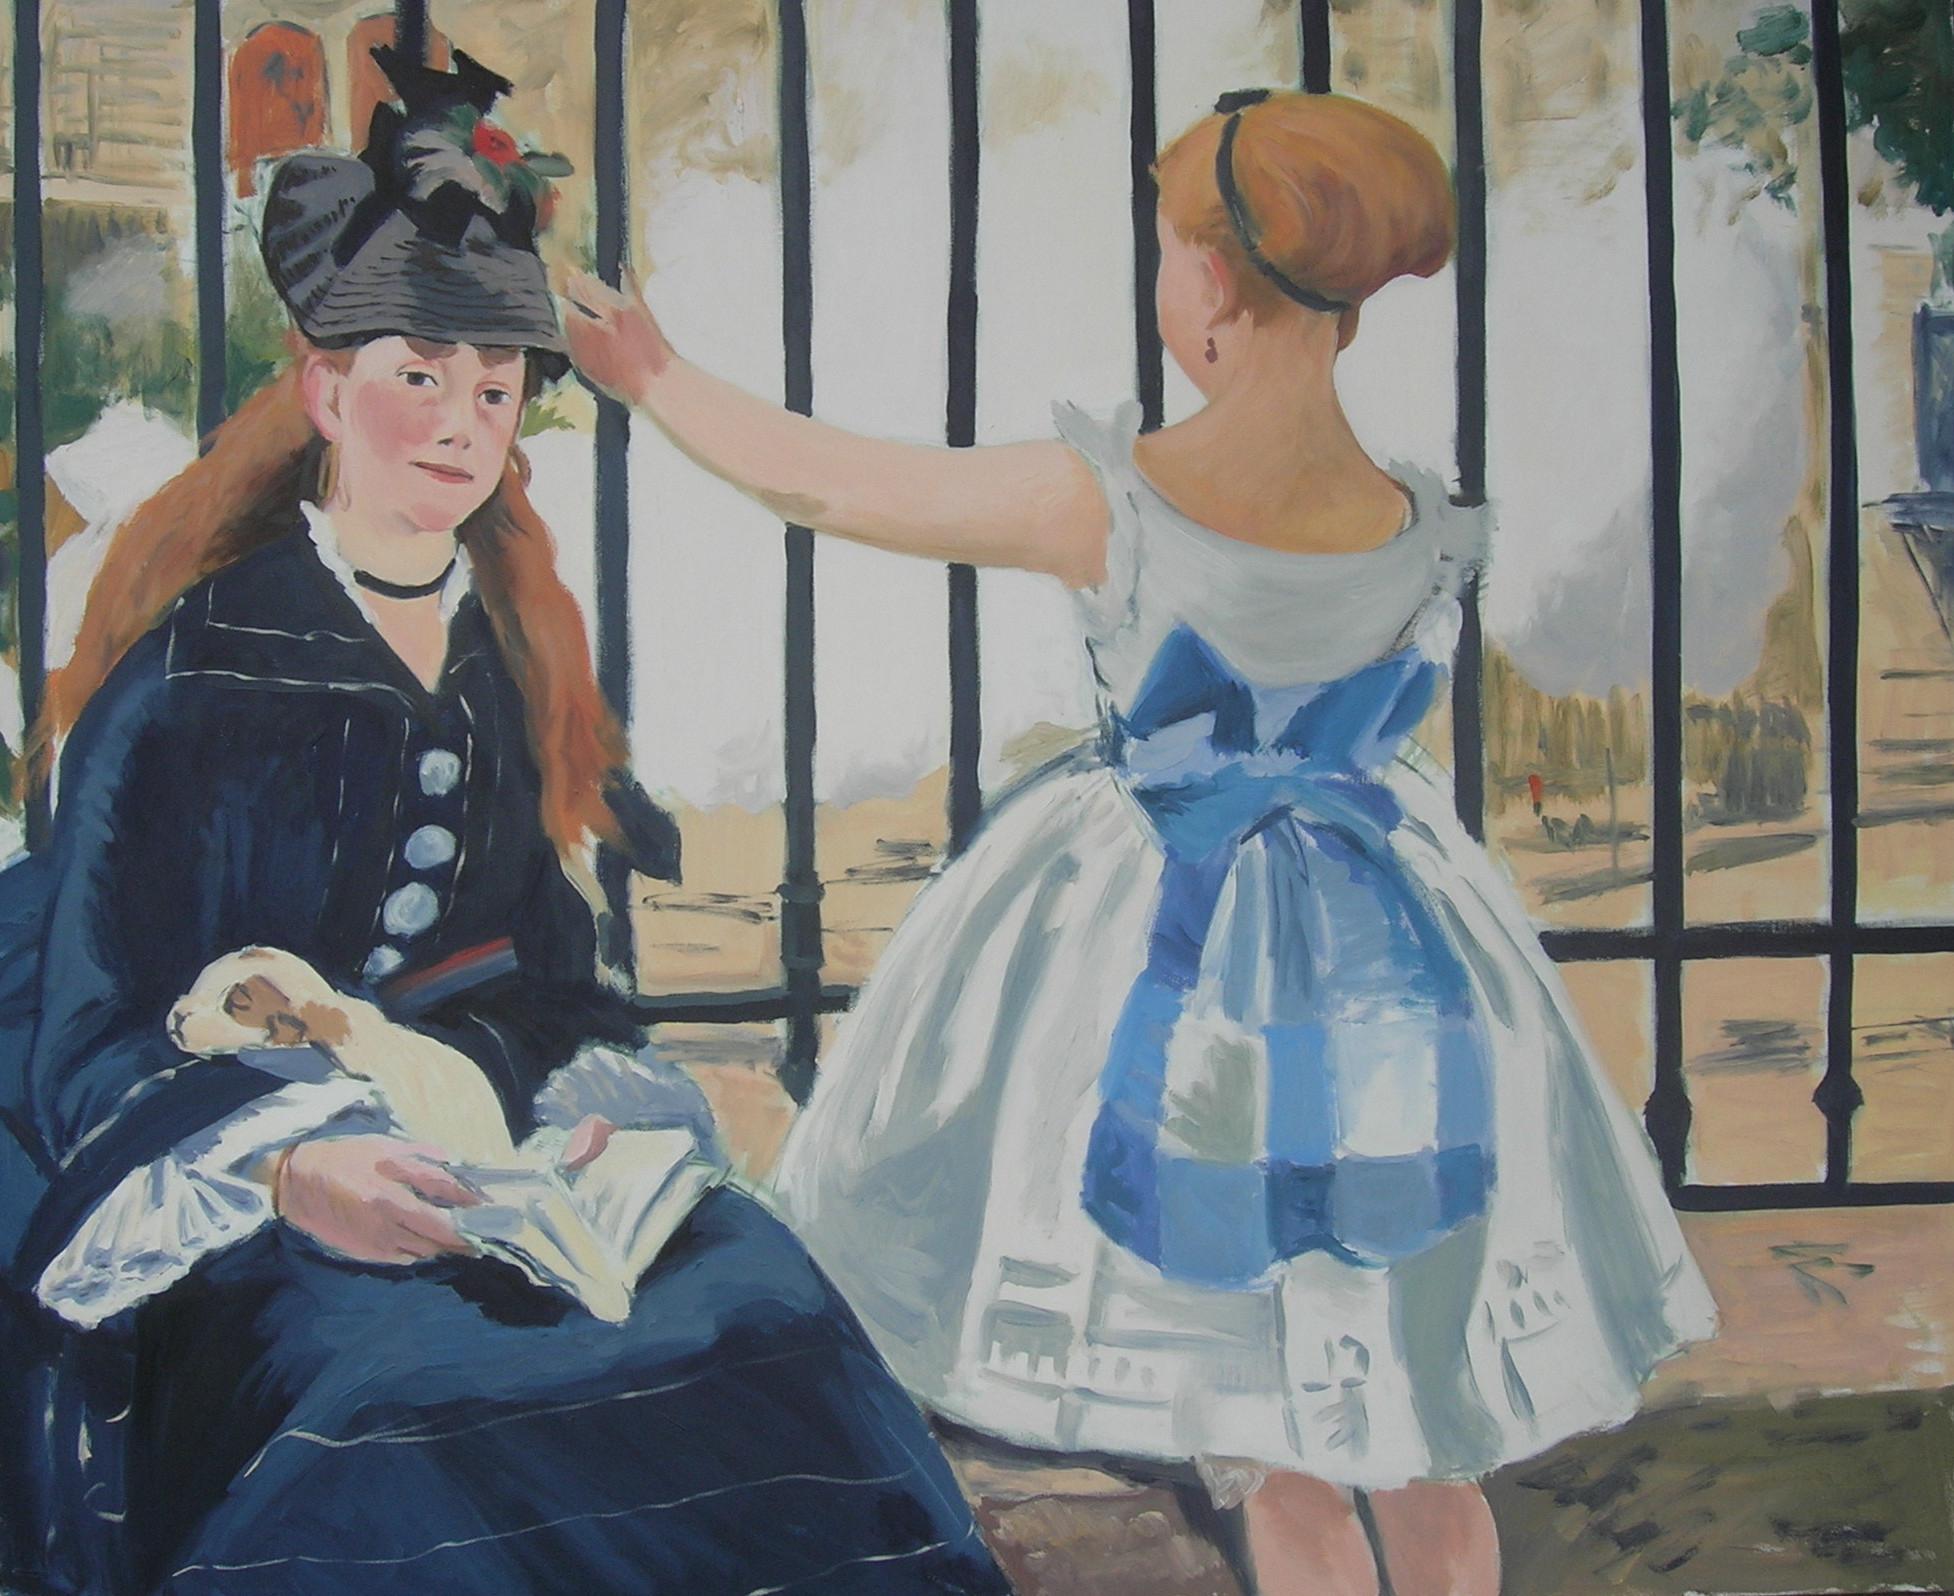 Copy after Edouard Manet